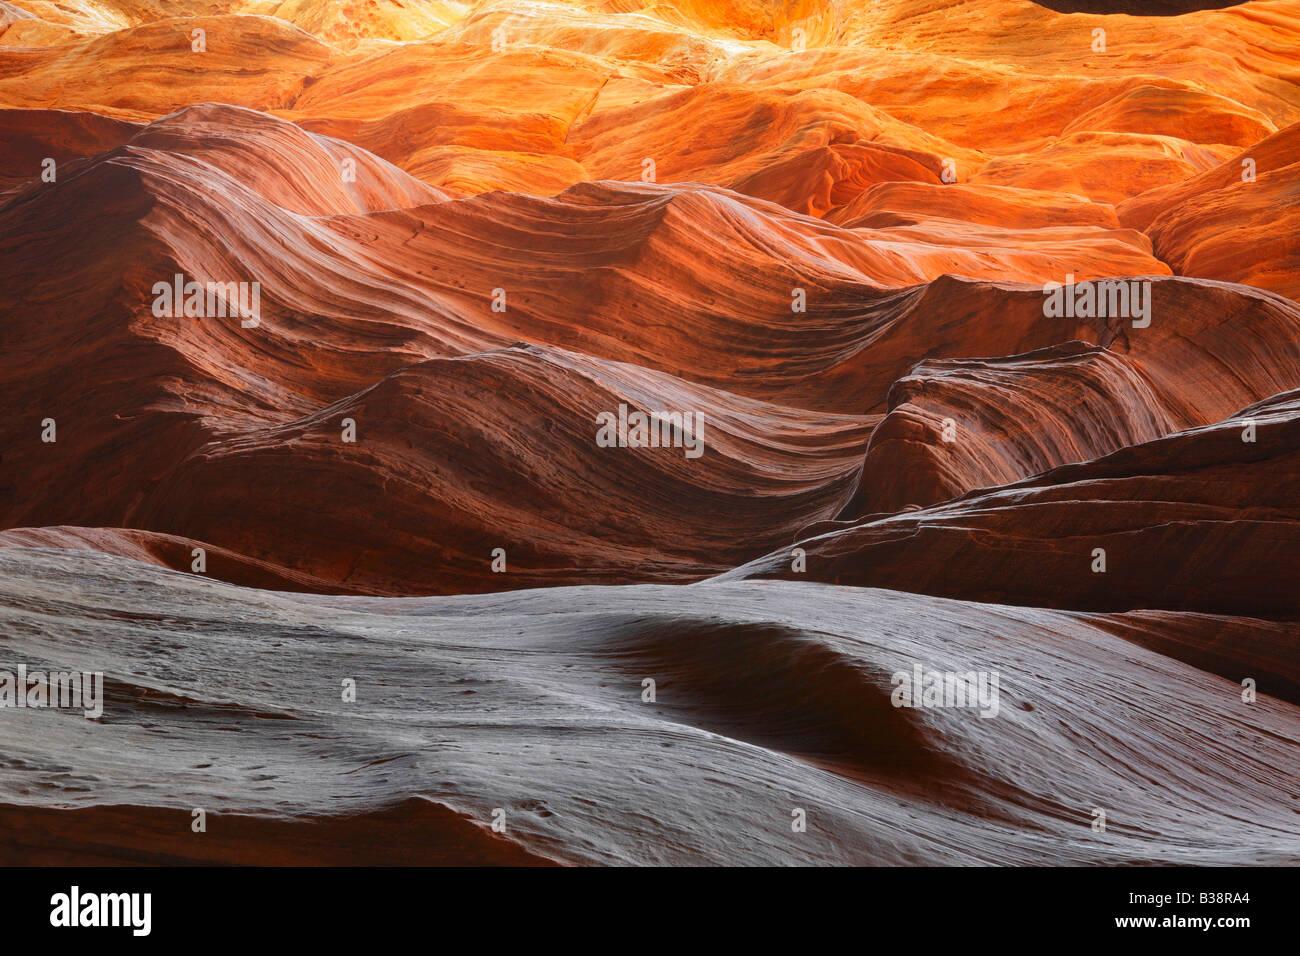 La parete del canyon in daino, Gulch Paria Canyon deserto Immagini Stock